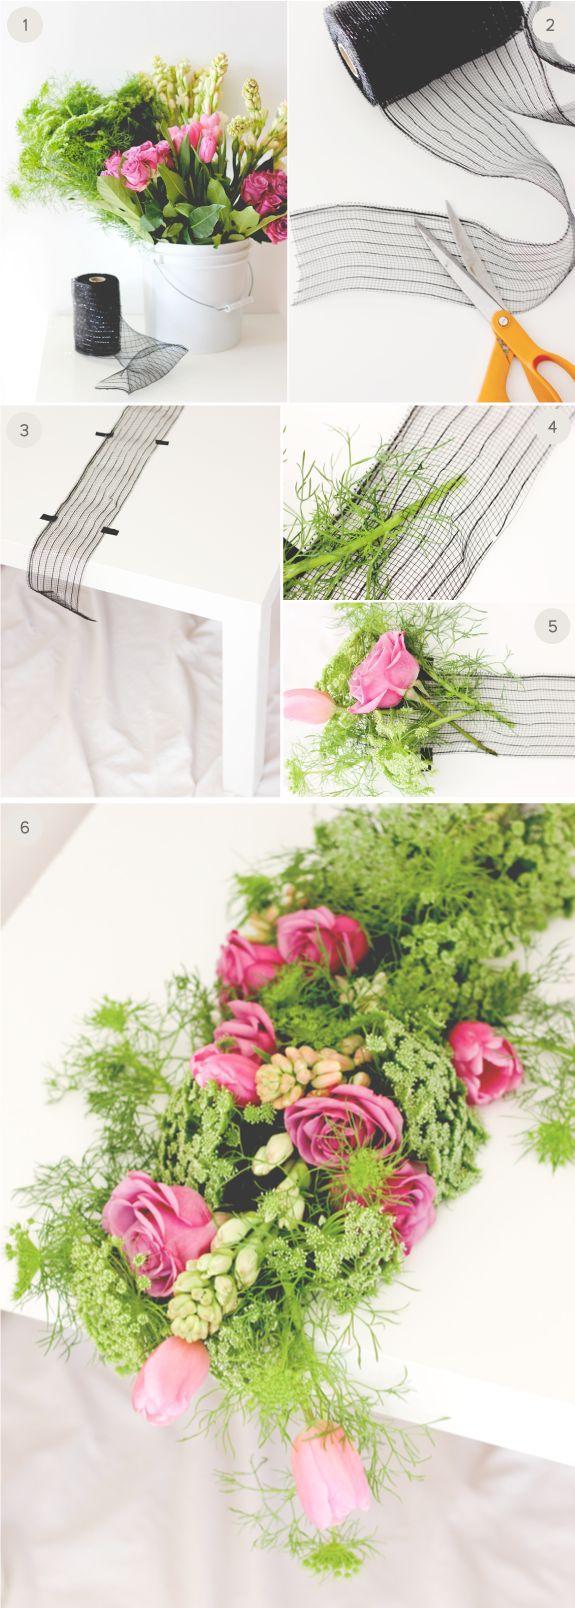 Свадьба - DIY Wedding: Fresh Floral Table Runner